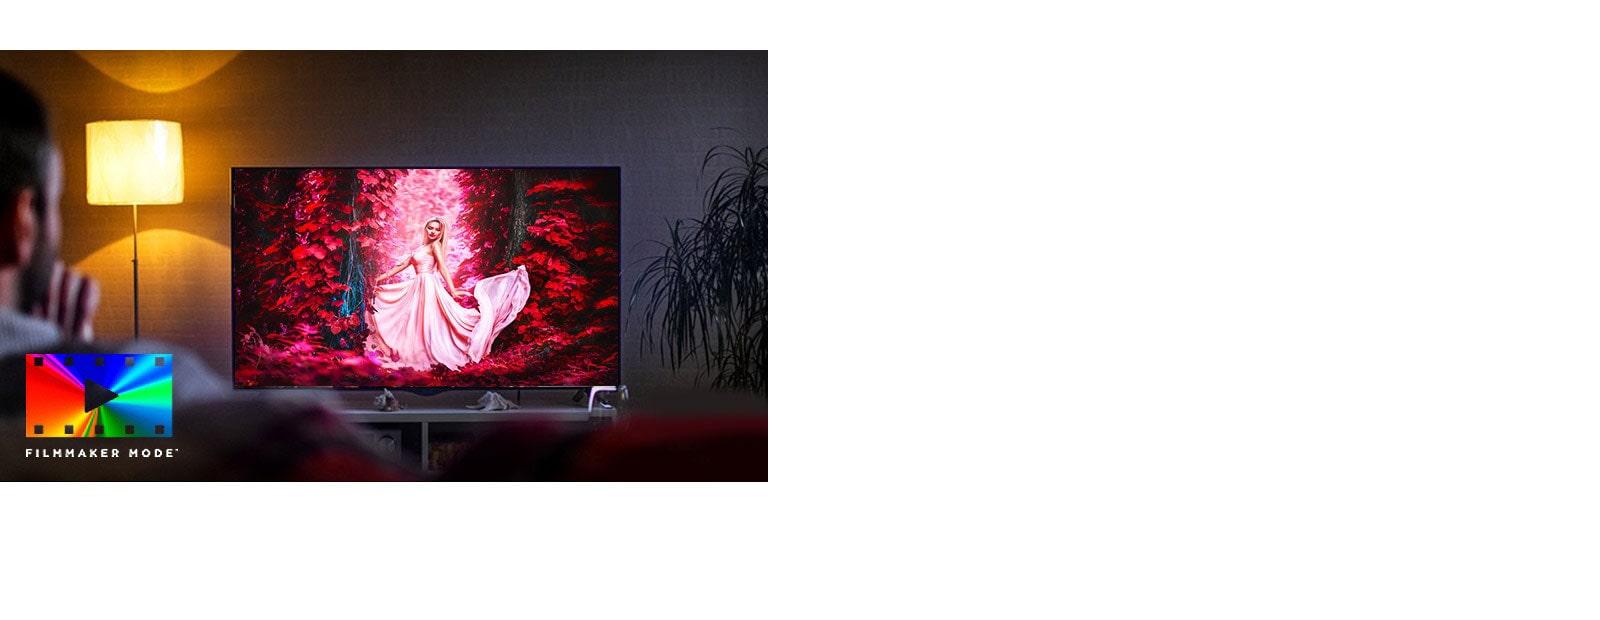 Um homem está sentado em um sofá na sala de estar e assistindo um filme bem colorido na TV